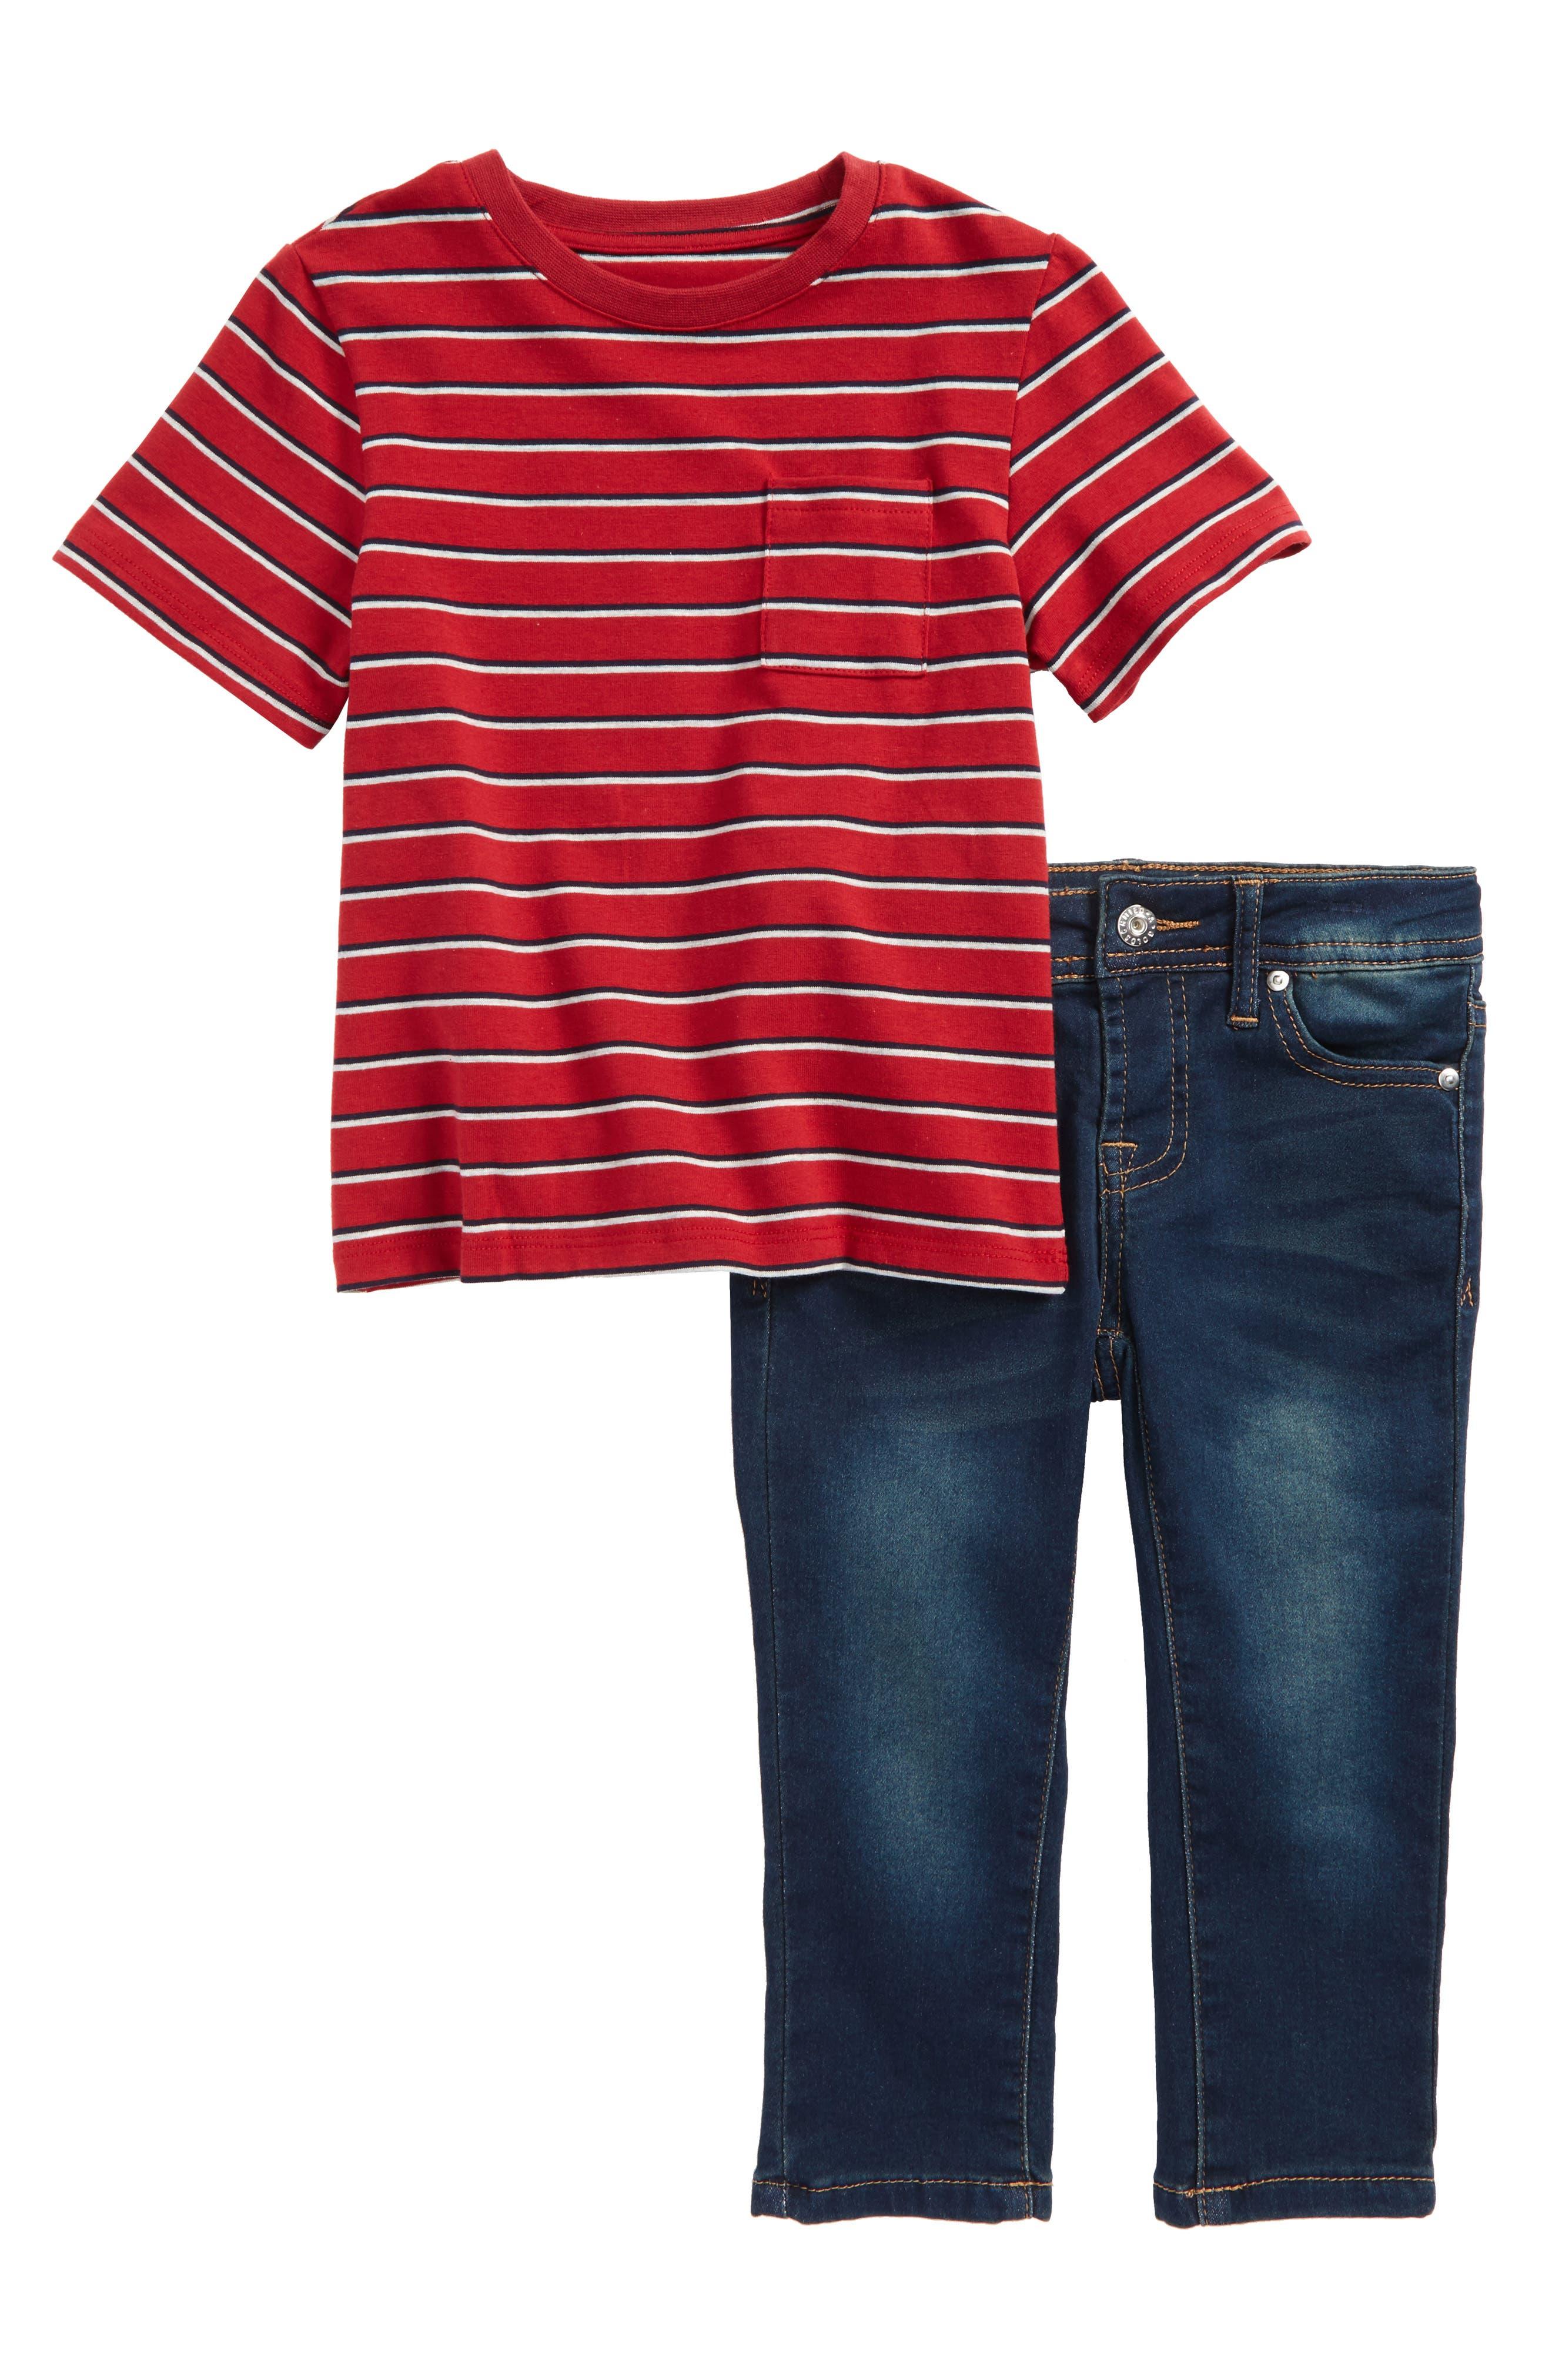 ag adriano goldschmied kids Stripe Shirt & Jeans Set (Baby Boys)